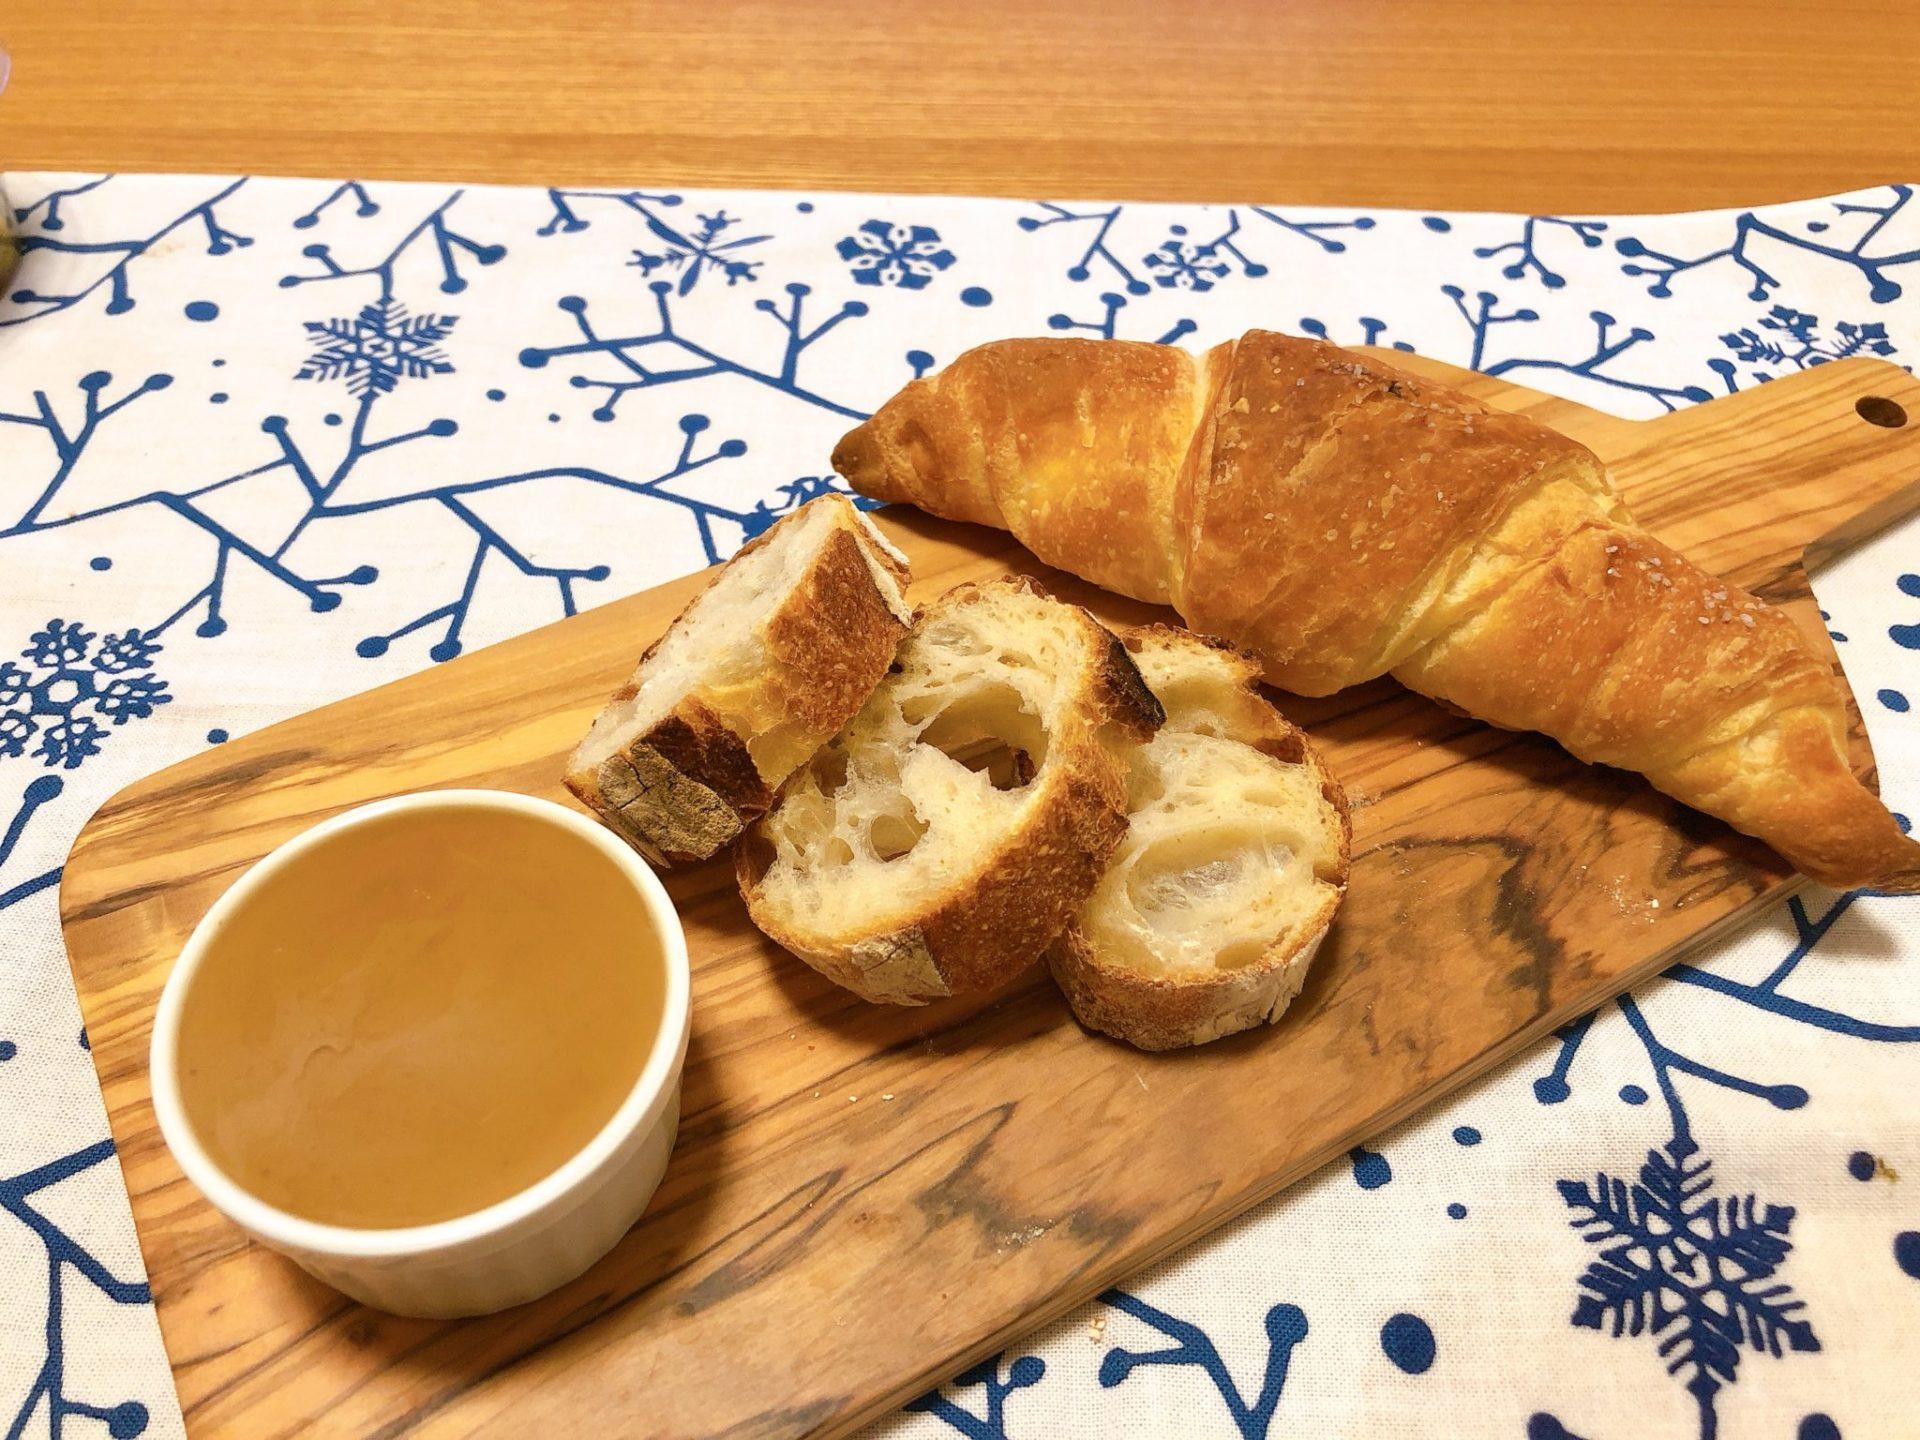 ヴァンドゥリュド 尾山台のパン